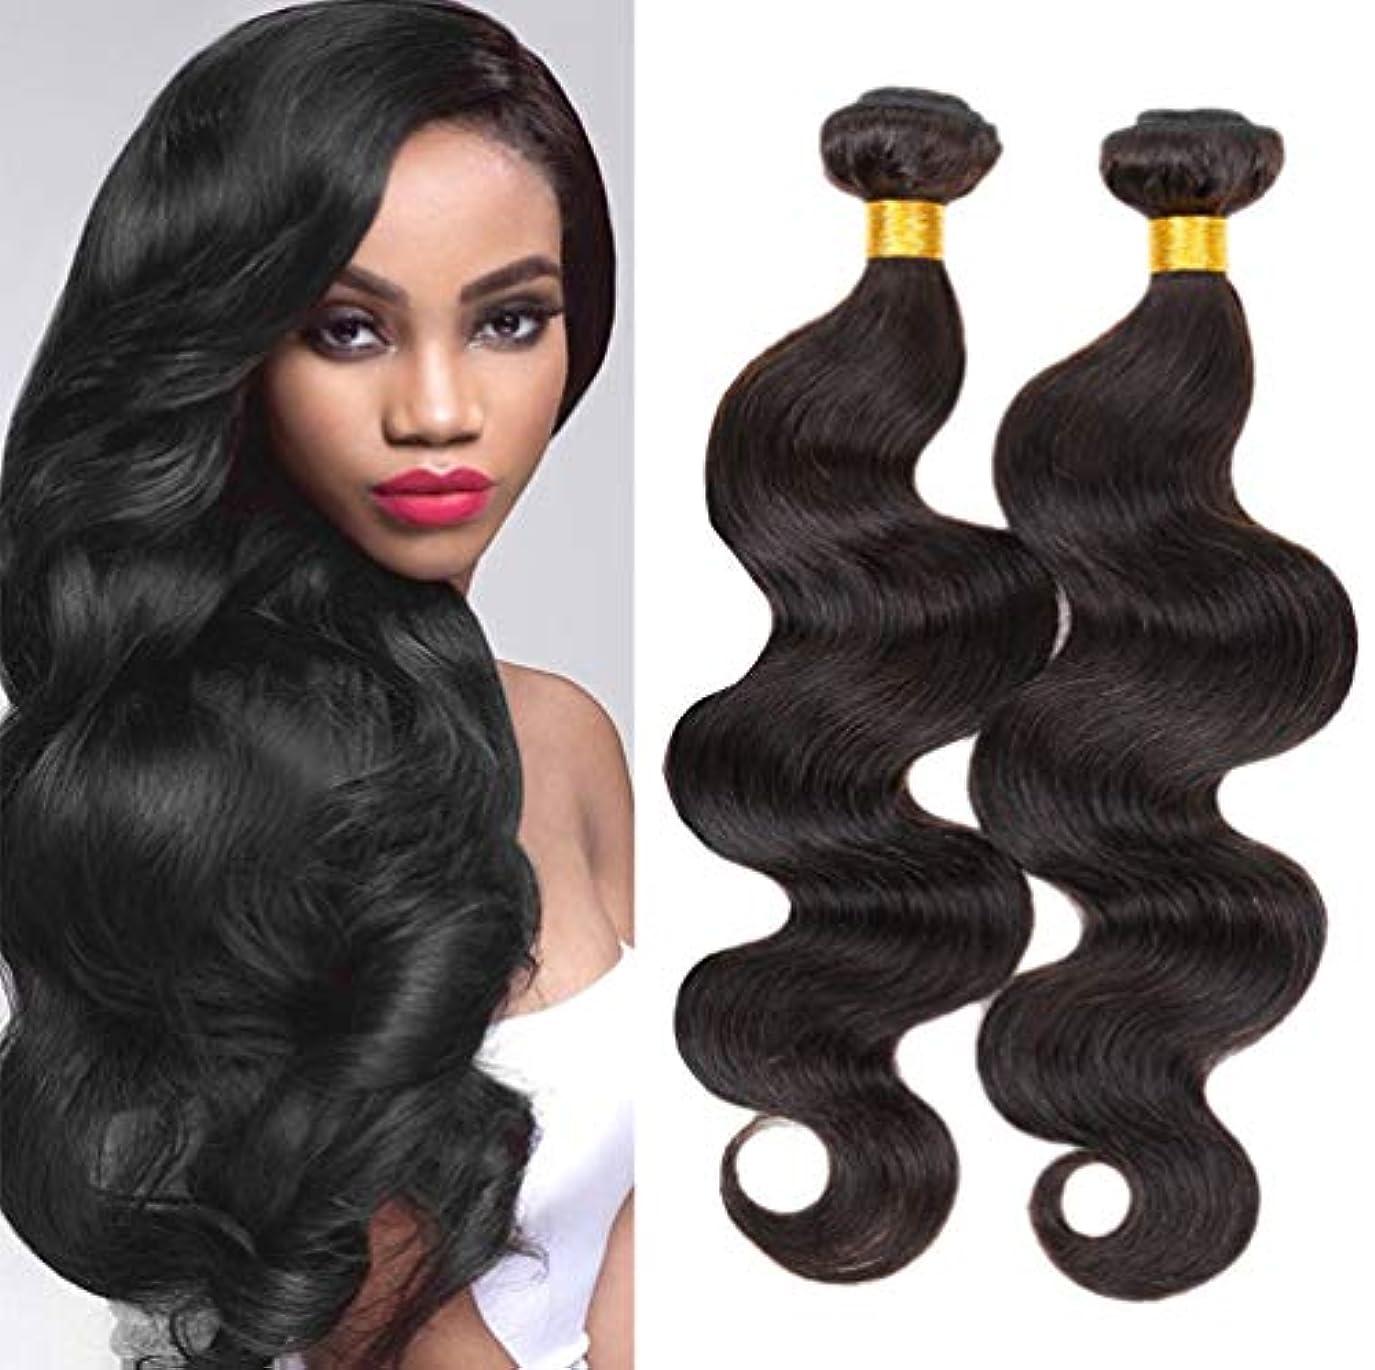 キネマティクス刈り取るピクニックをする女性の髪織り未処理の実体波髪1バンドルマレーシア100%本物の人間の髪横糸バージンヘア